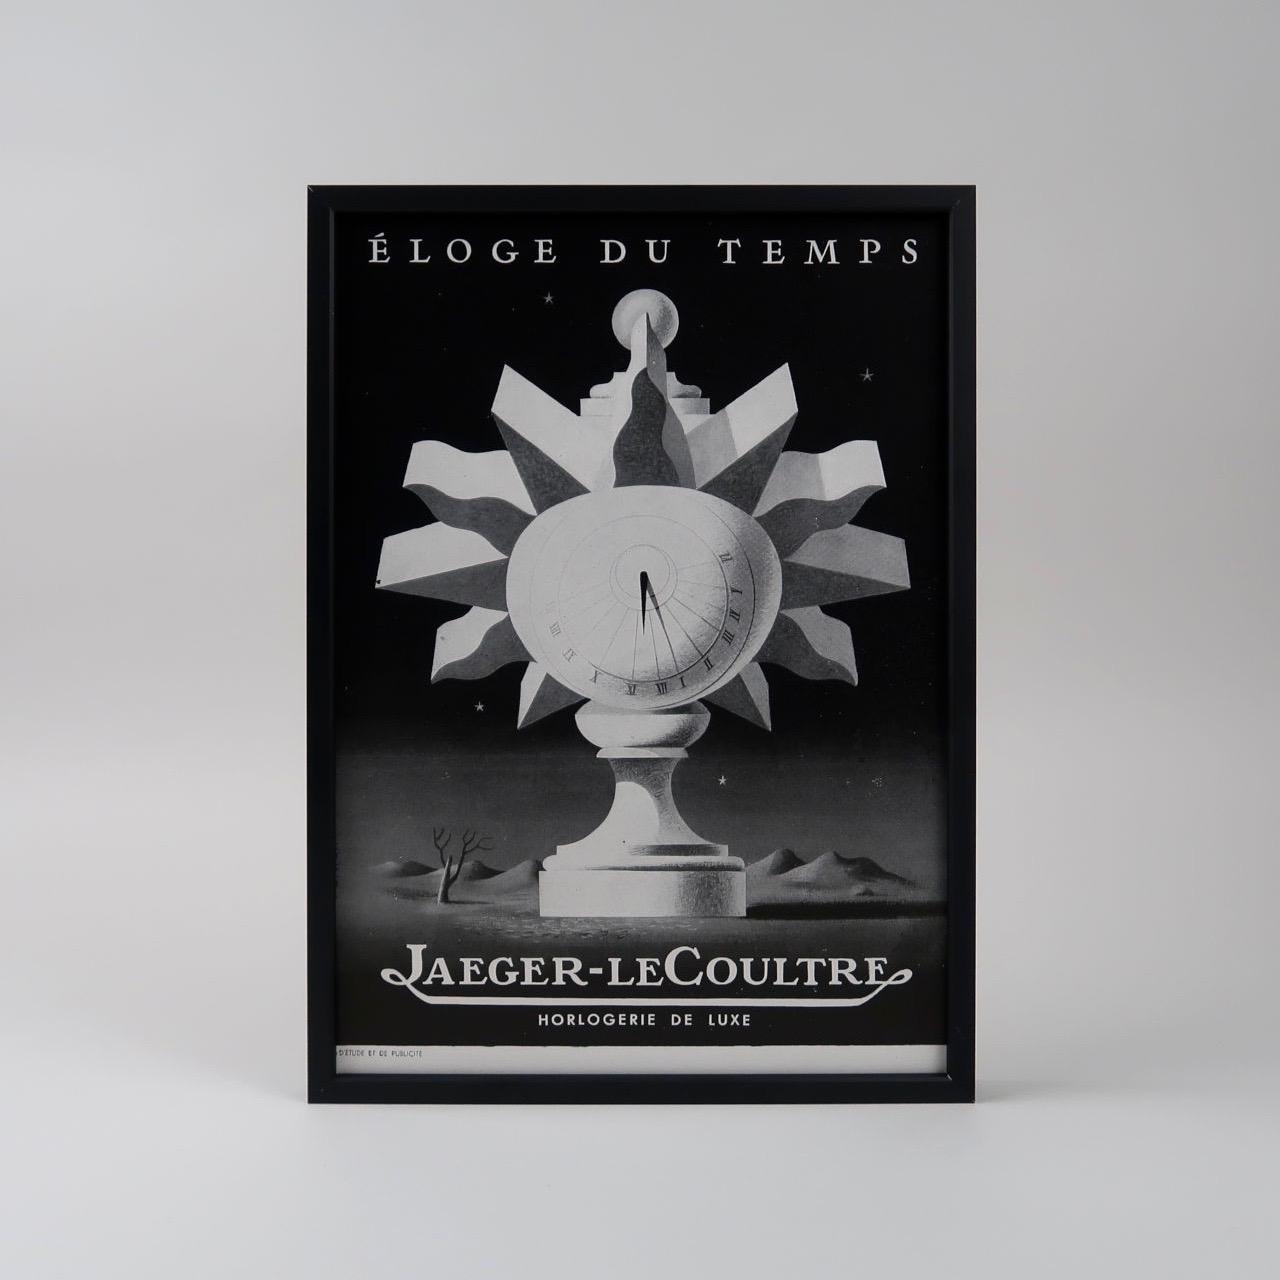 Jaeger-LeCoultre 'Éloge Du Temps' vintage framed advertisement 1946